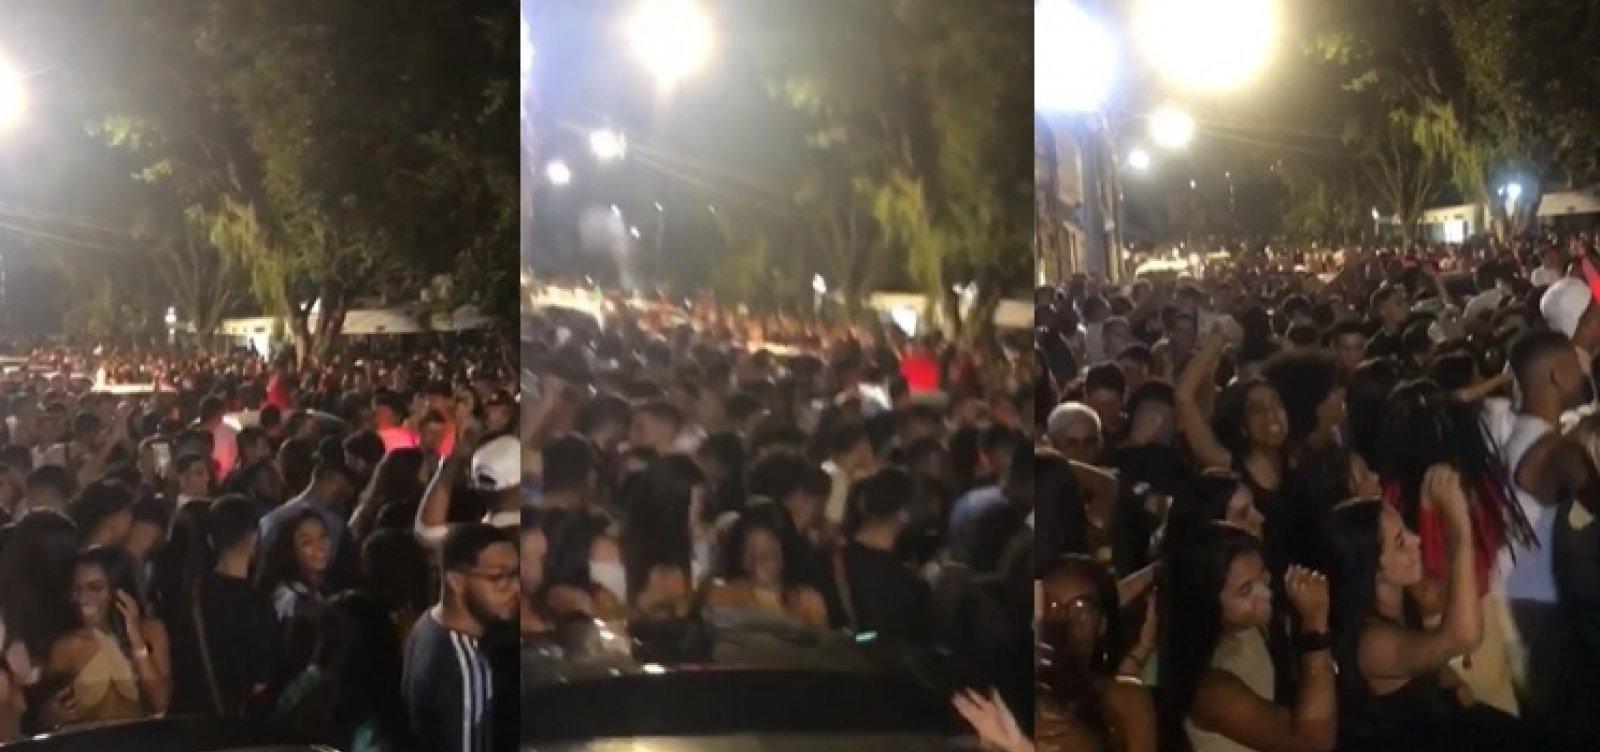 Vídeo mostra multidão aglomerada em festa paredão em bairro de luxo de Salvador